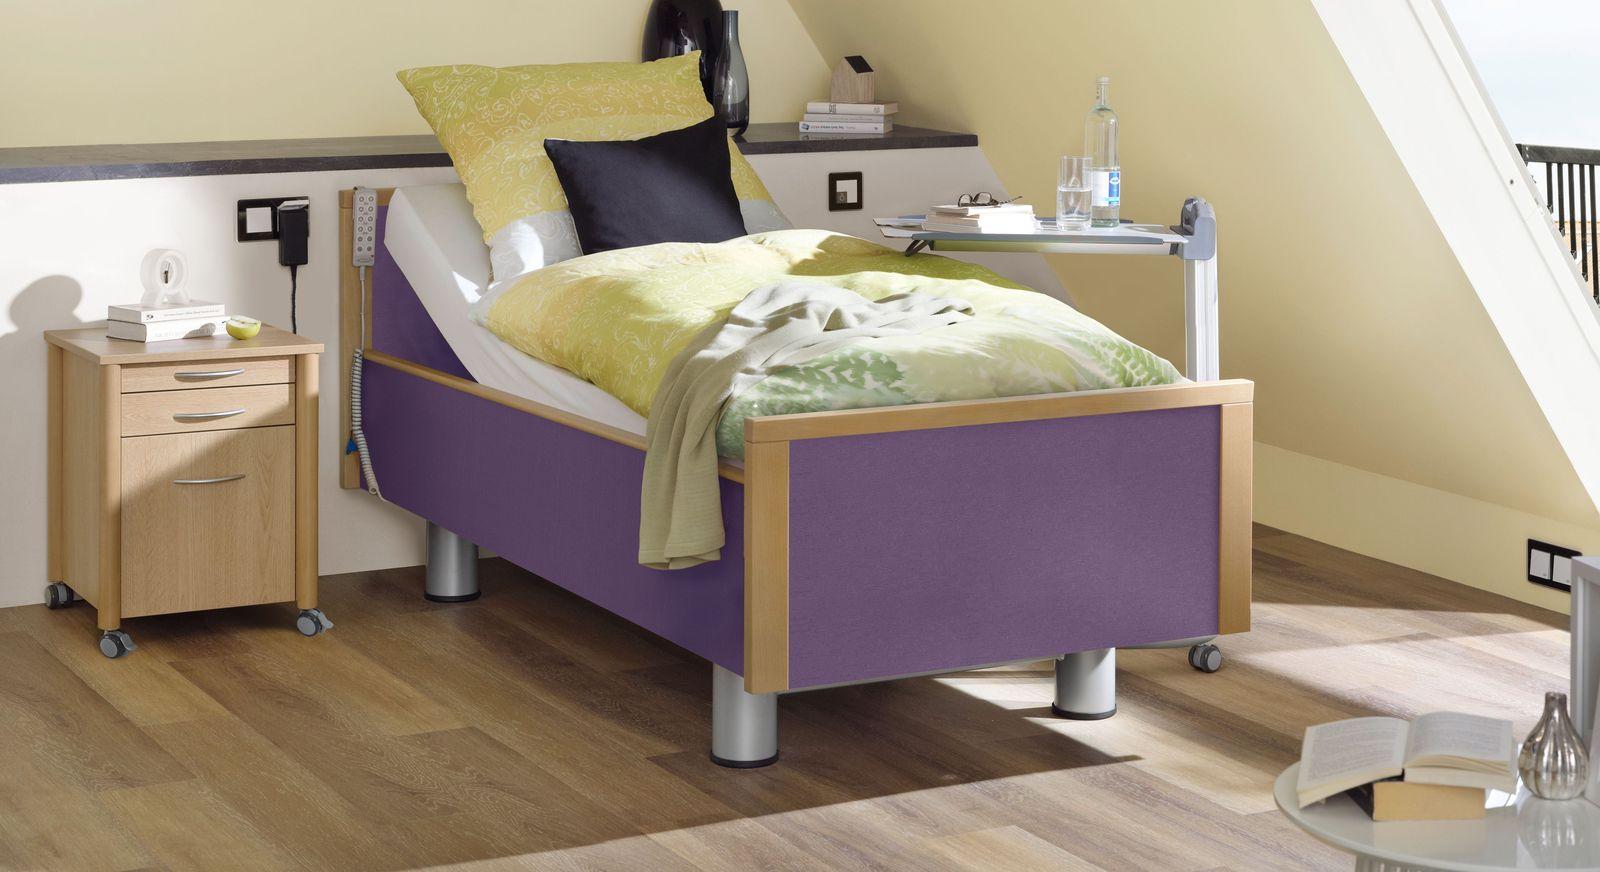 Komfortbett mit Pflegebett-Funktion Mainau mit Stoff in freundlichem Violett